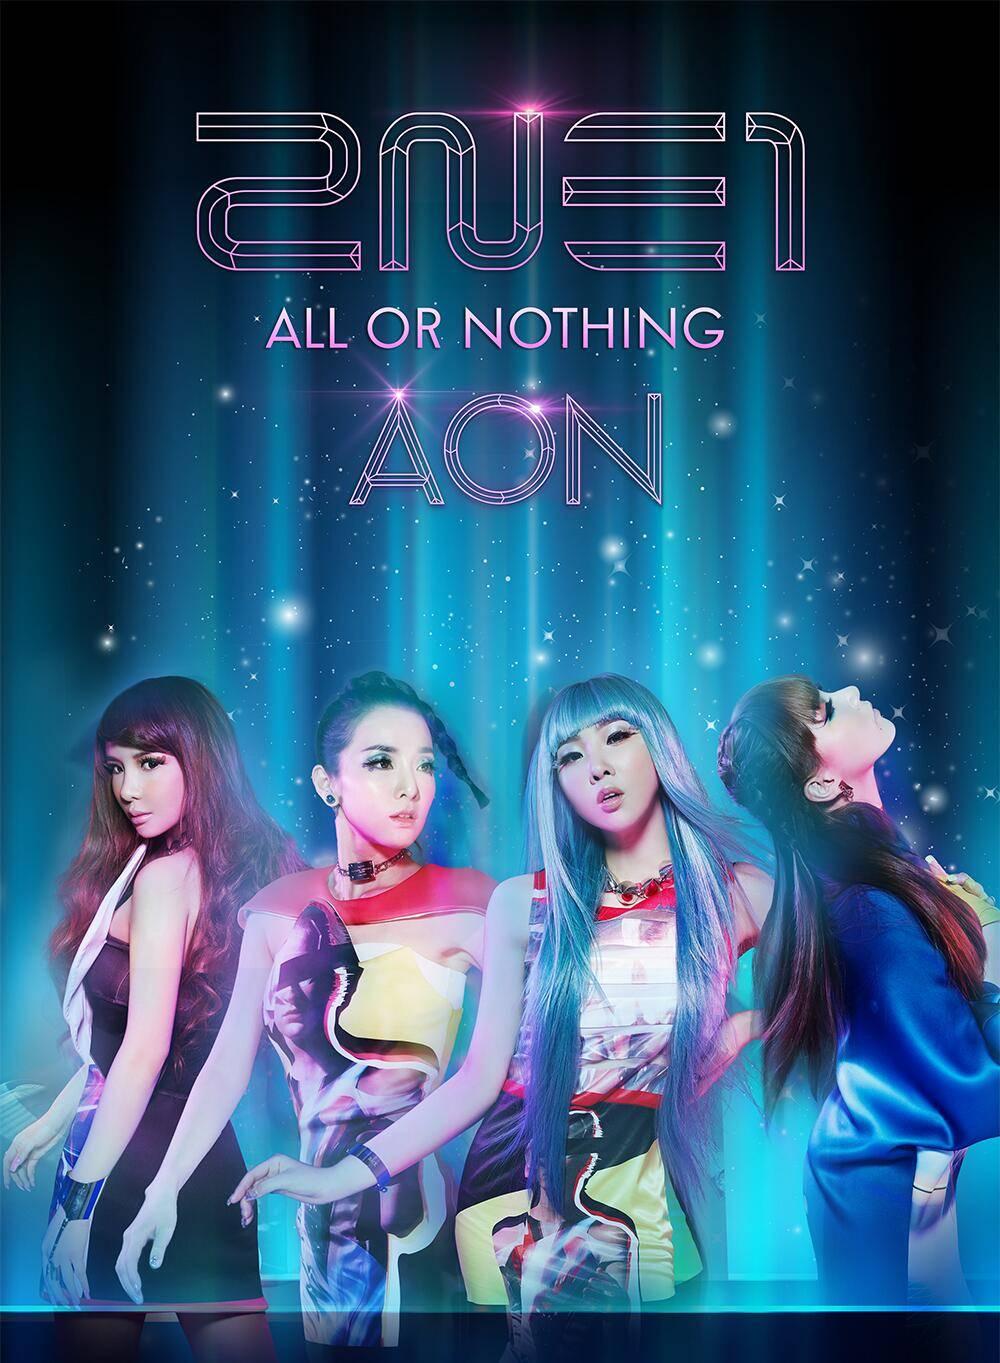 """2NE1 ปล่อย Trailer สำหรับ """"All or Nothing"""" เวิร์ลทัวร์ในธีม Sci-fi!!"""